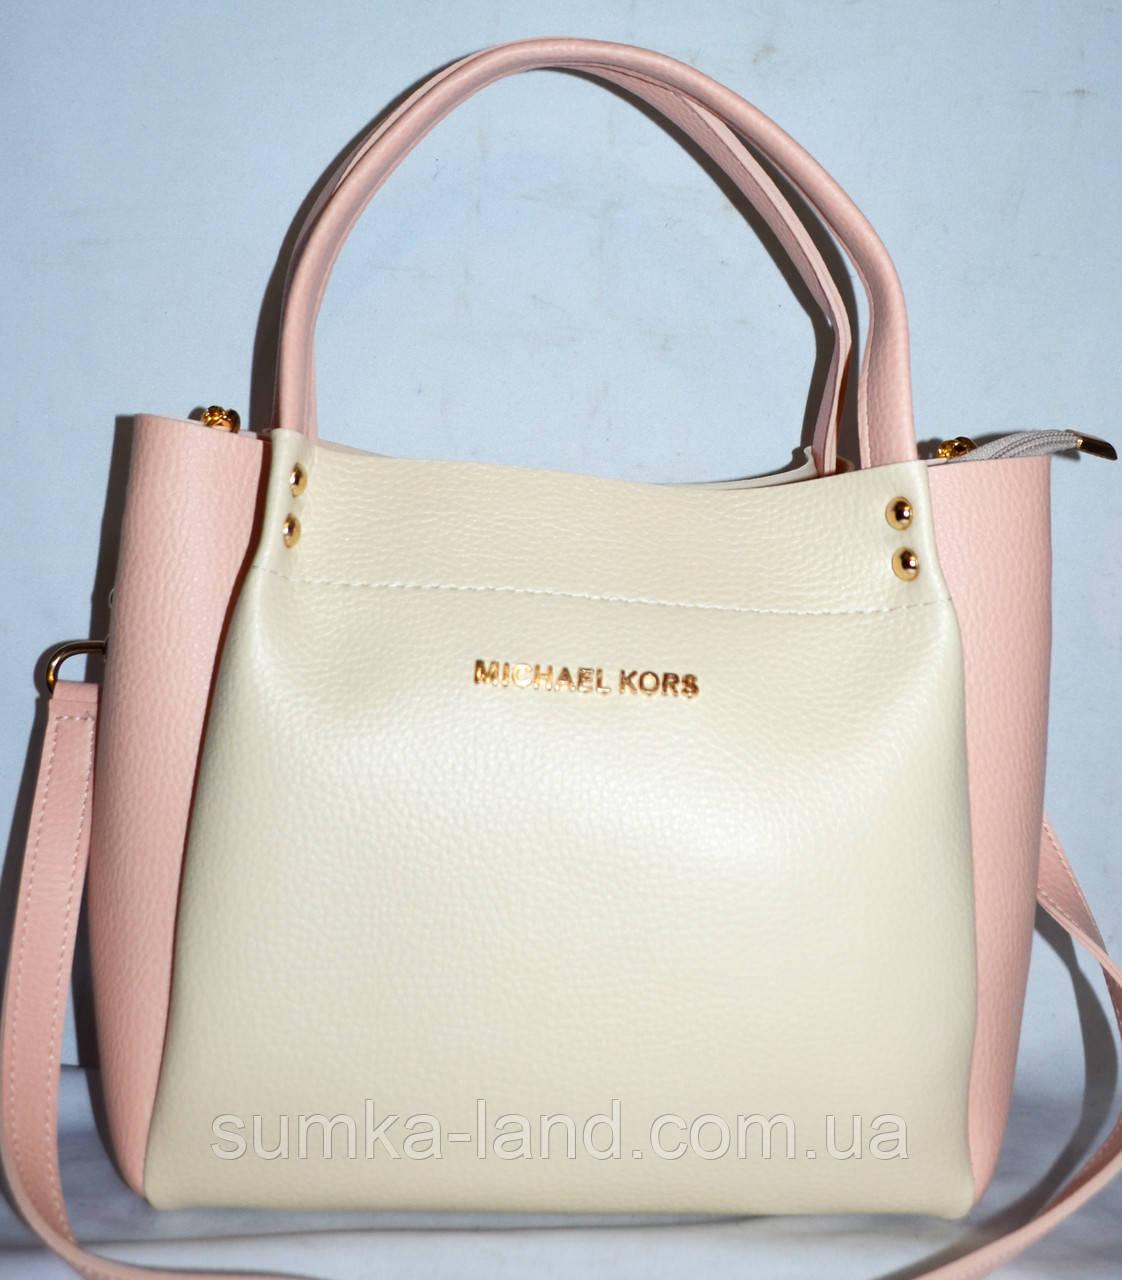 6cf18ebe0502 Женская молочная сумка Michael Kors с пудровыми вставками 26 25 см ...